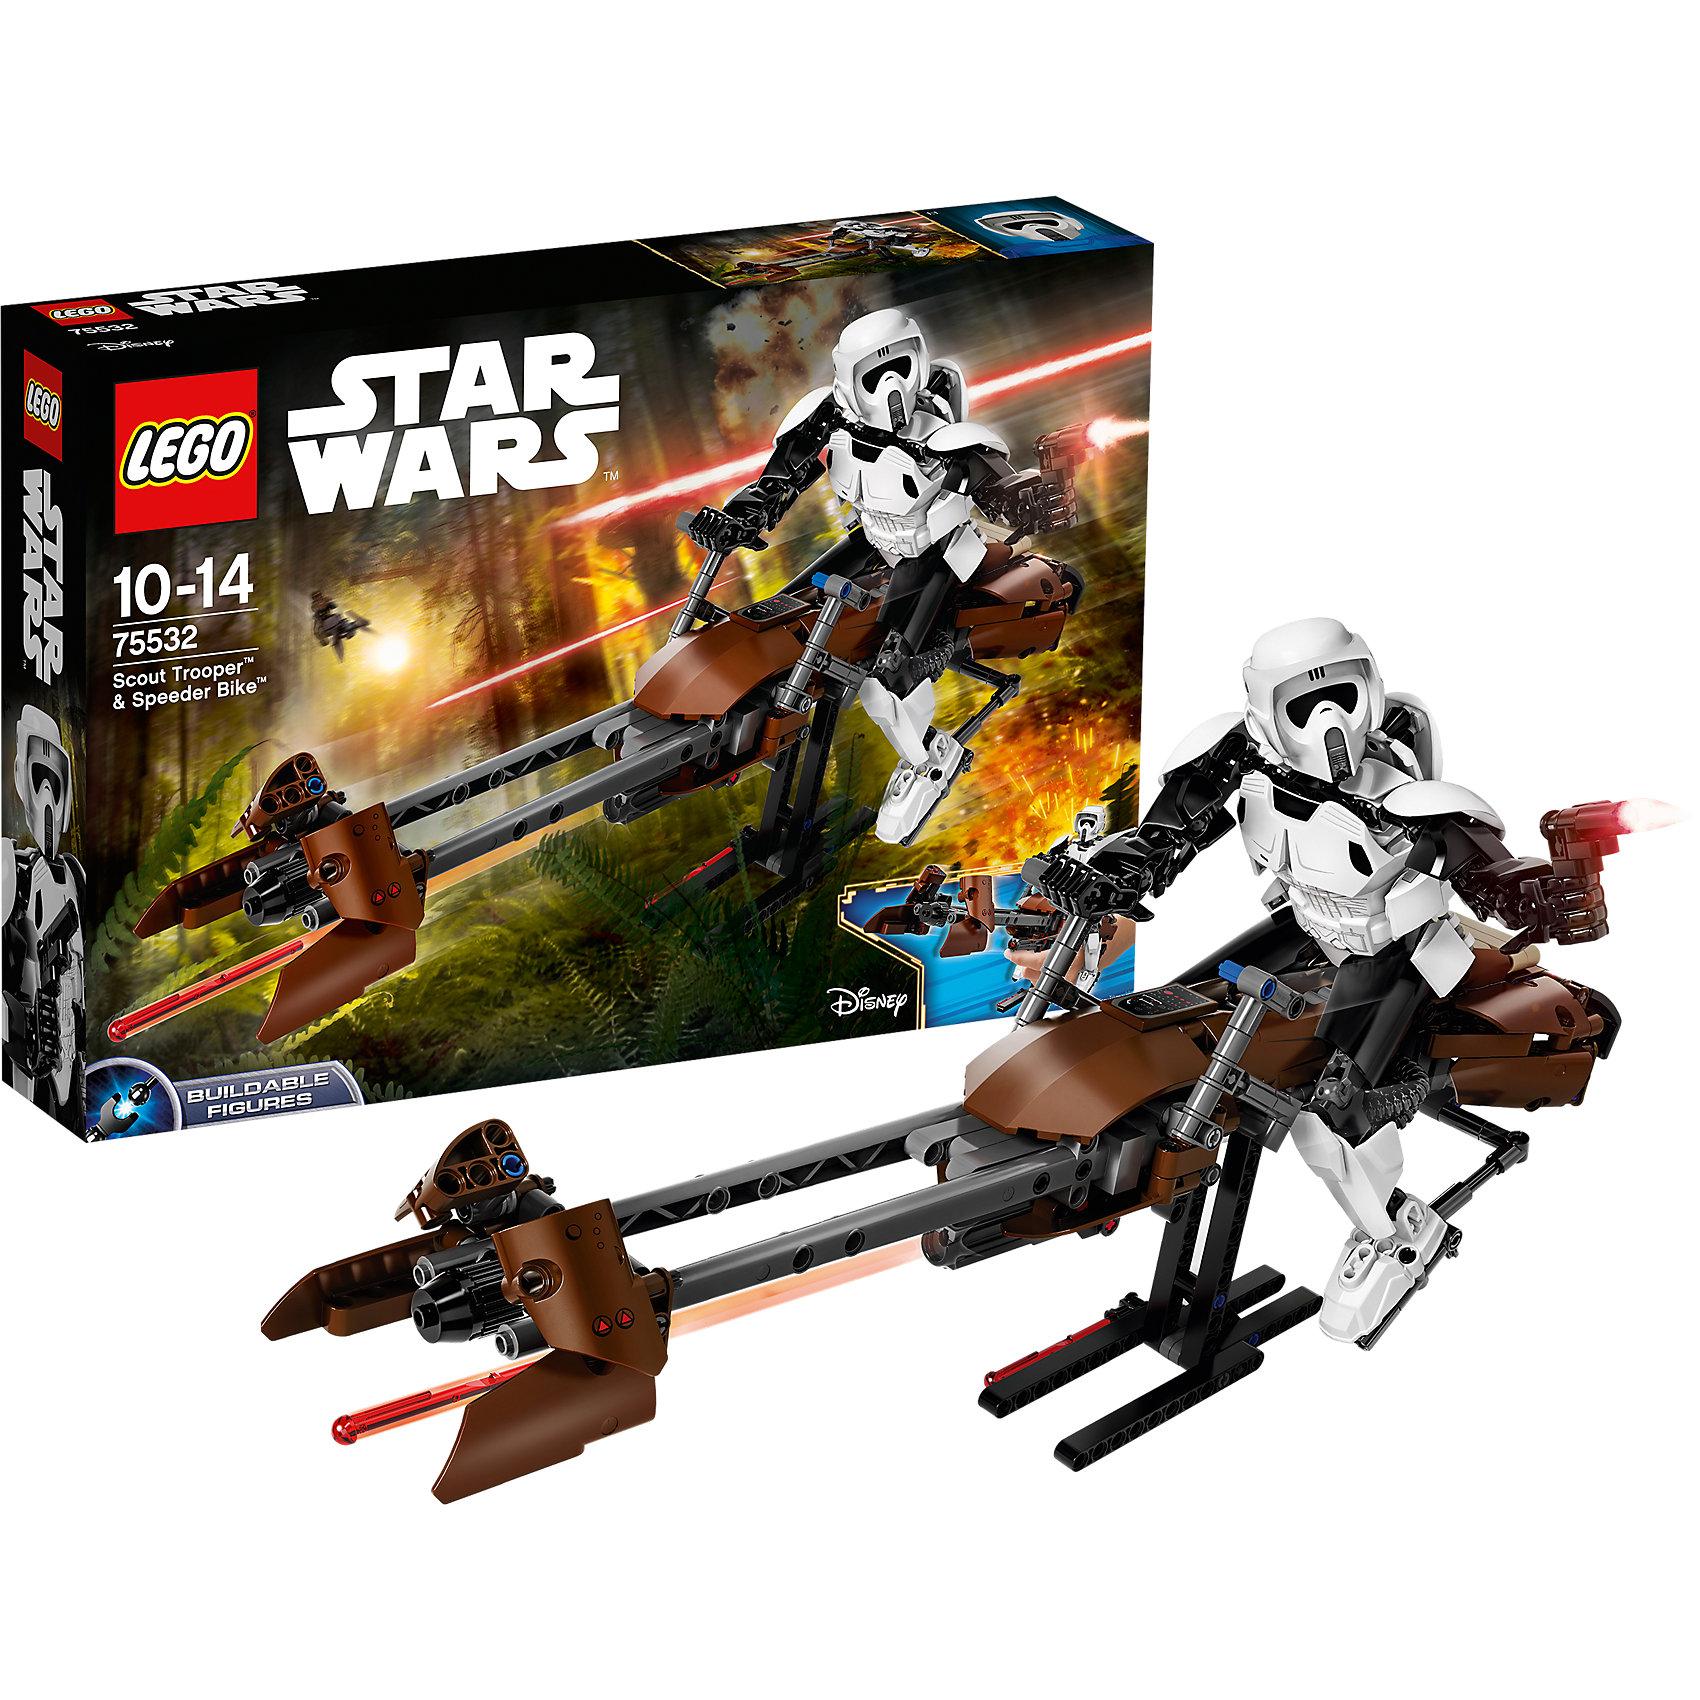 LEGO Star Wars 75532: Штурмовик-разведчик на спидереПластмассовые конструкторы<br><br><br>Ширина мм: 382<br>Глубина мм: 262<br>Высота мм: 71<br>Вес г: 765<br>Возраст от месяцев: 120<br>Возраст до месяцев: 168<br>Пол: Мужской<br>Возраст: Детский<br>SKU: 5619969